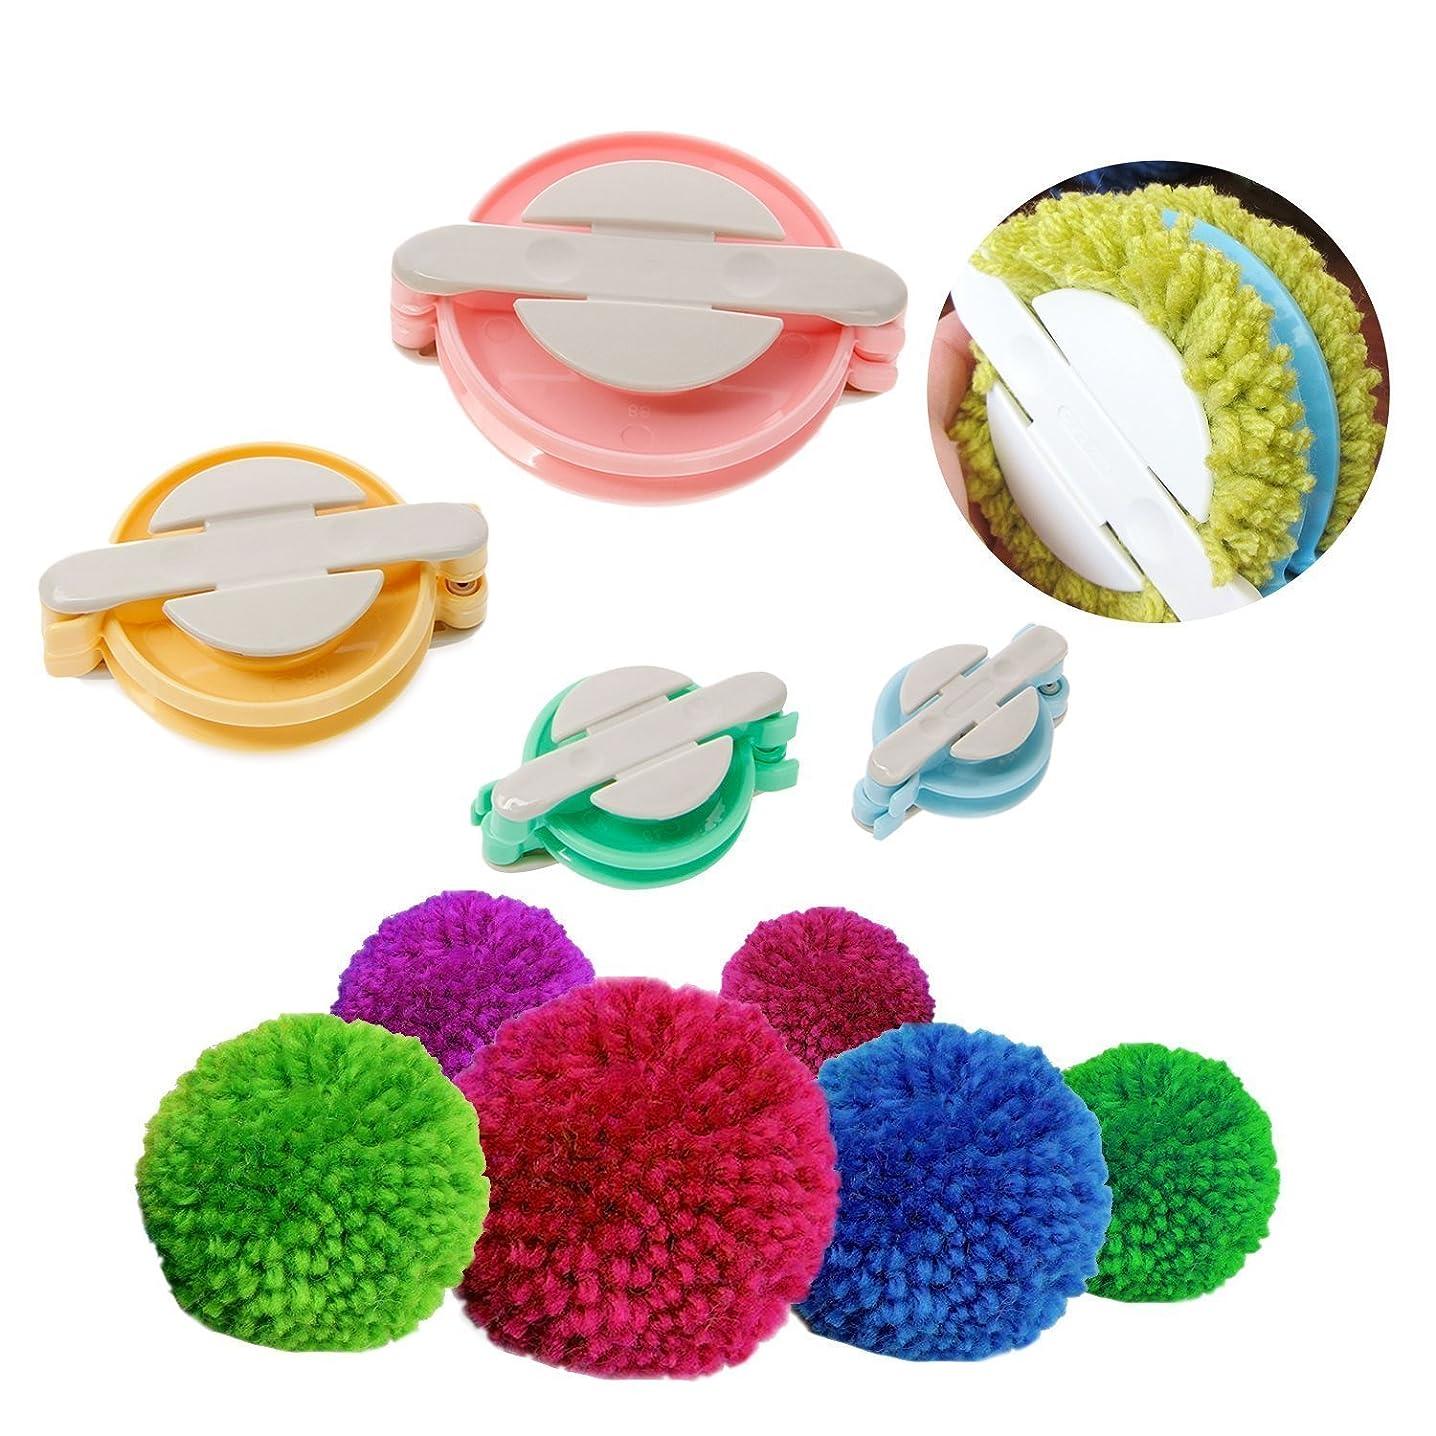 Dofover Pompom Maker for Fluff Ball DIY Weaver Needle Wool Knitting Craft Tool Set 4 Size